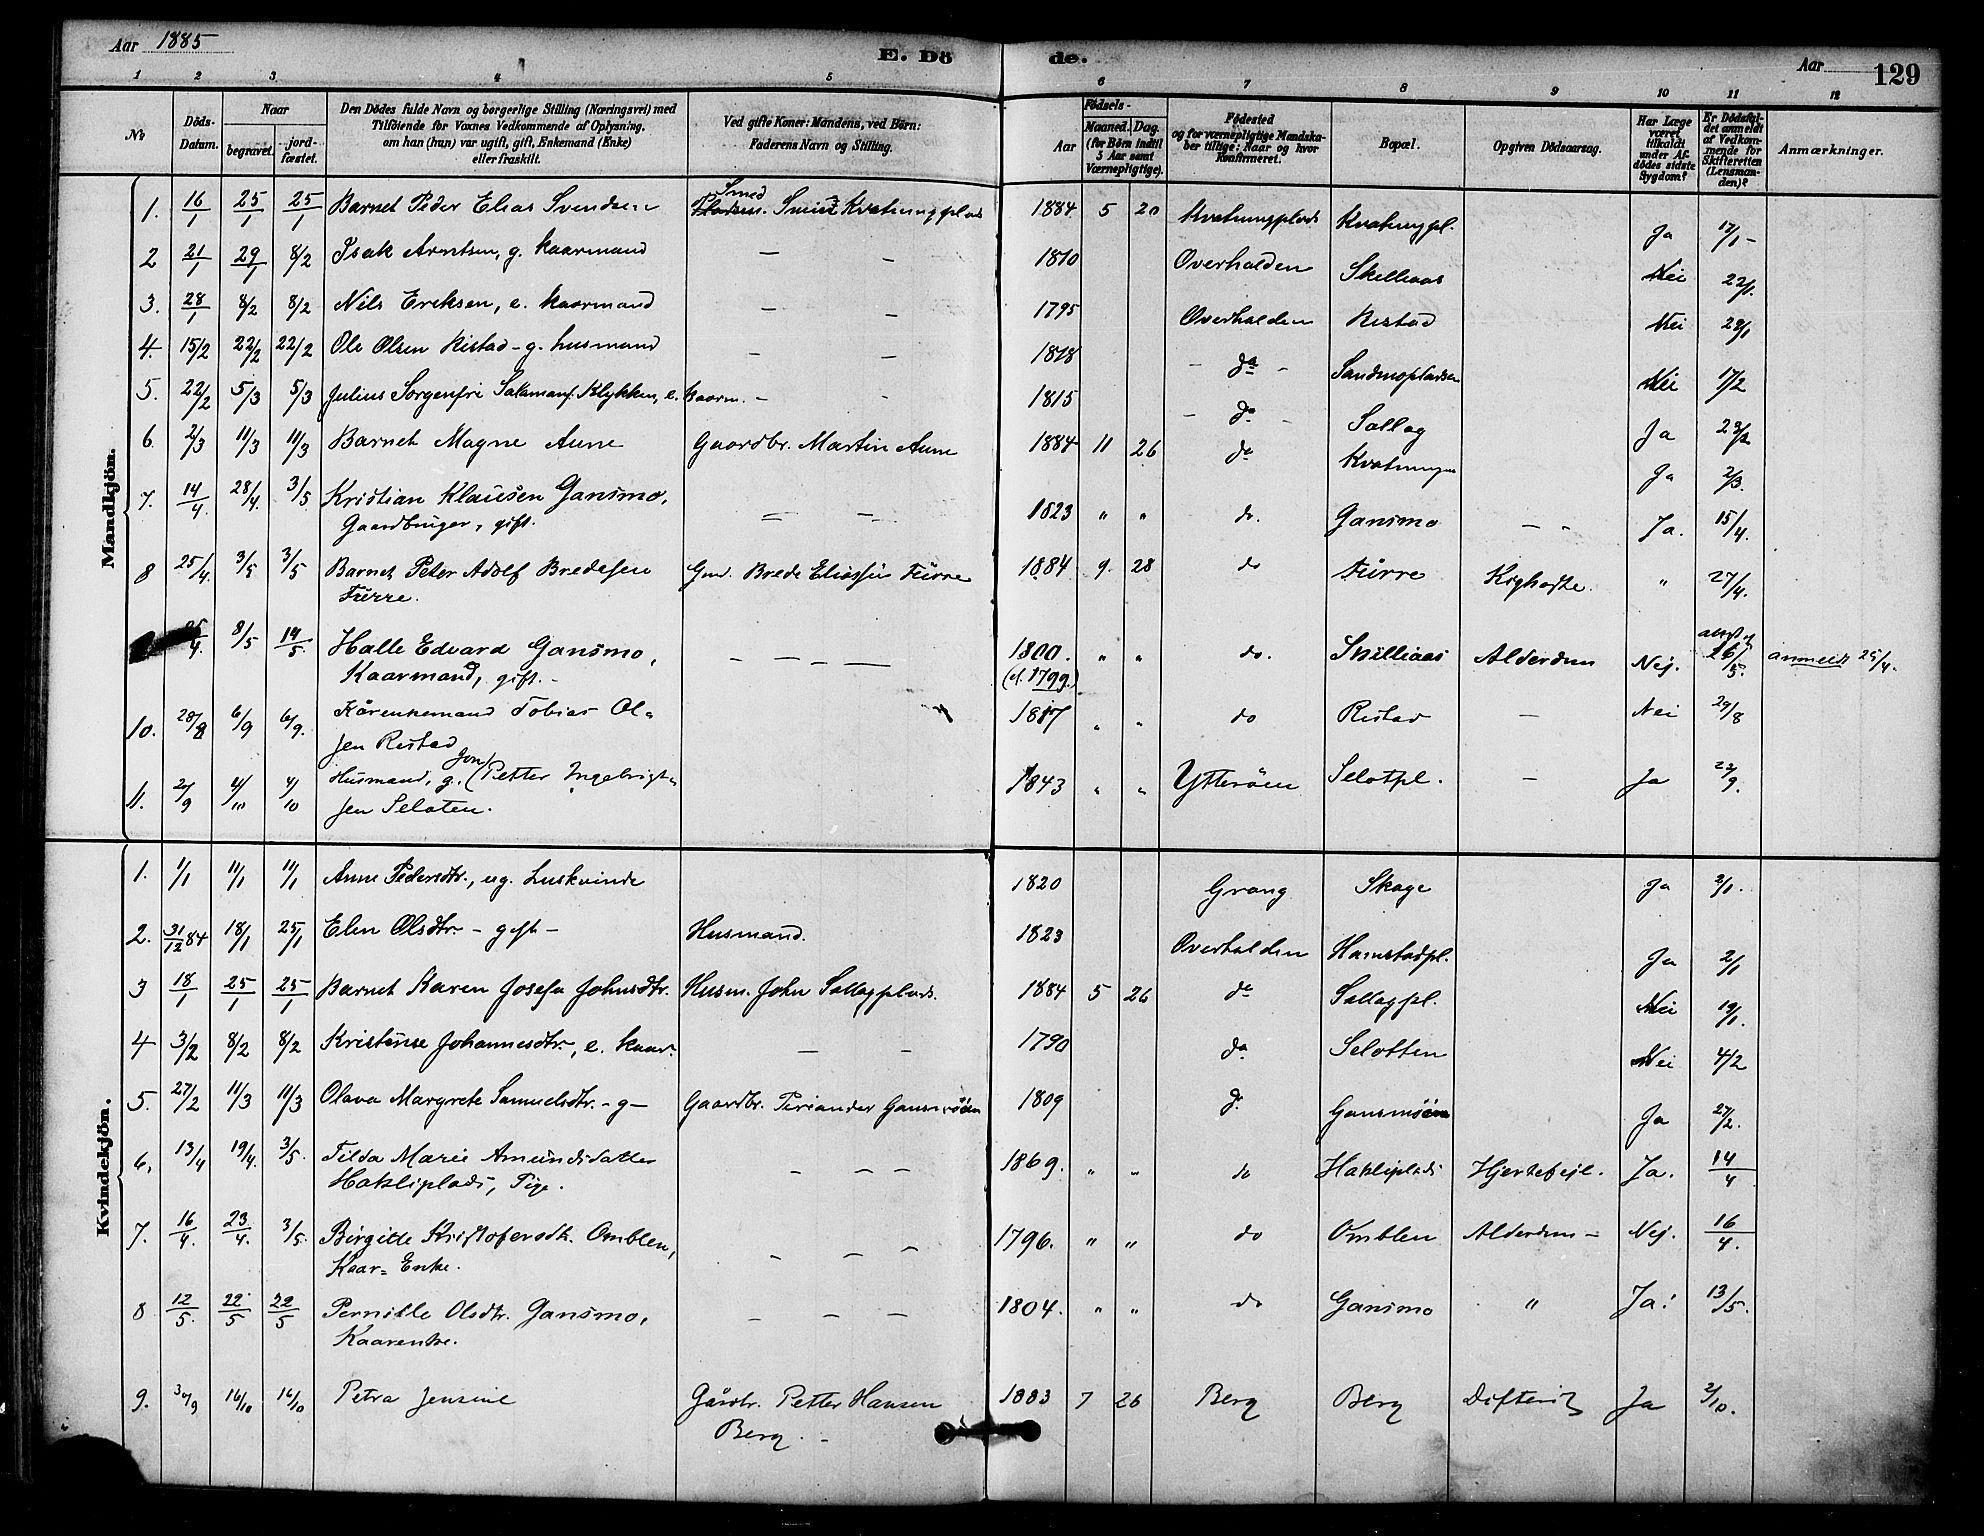 SAT, Ministerialprotokoller, klokkerbøker og fødselsregistre - Nord-Trøndelag, 766/L0563: Ministerialbok nr. 767A01, 1881-1899, s. 129